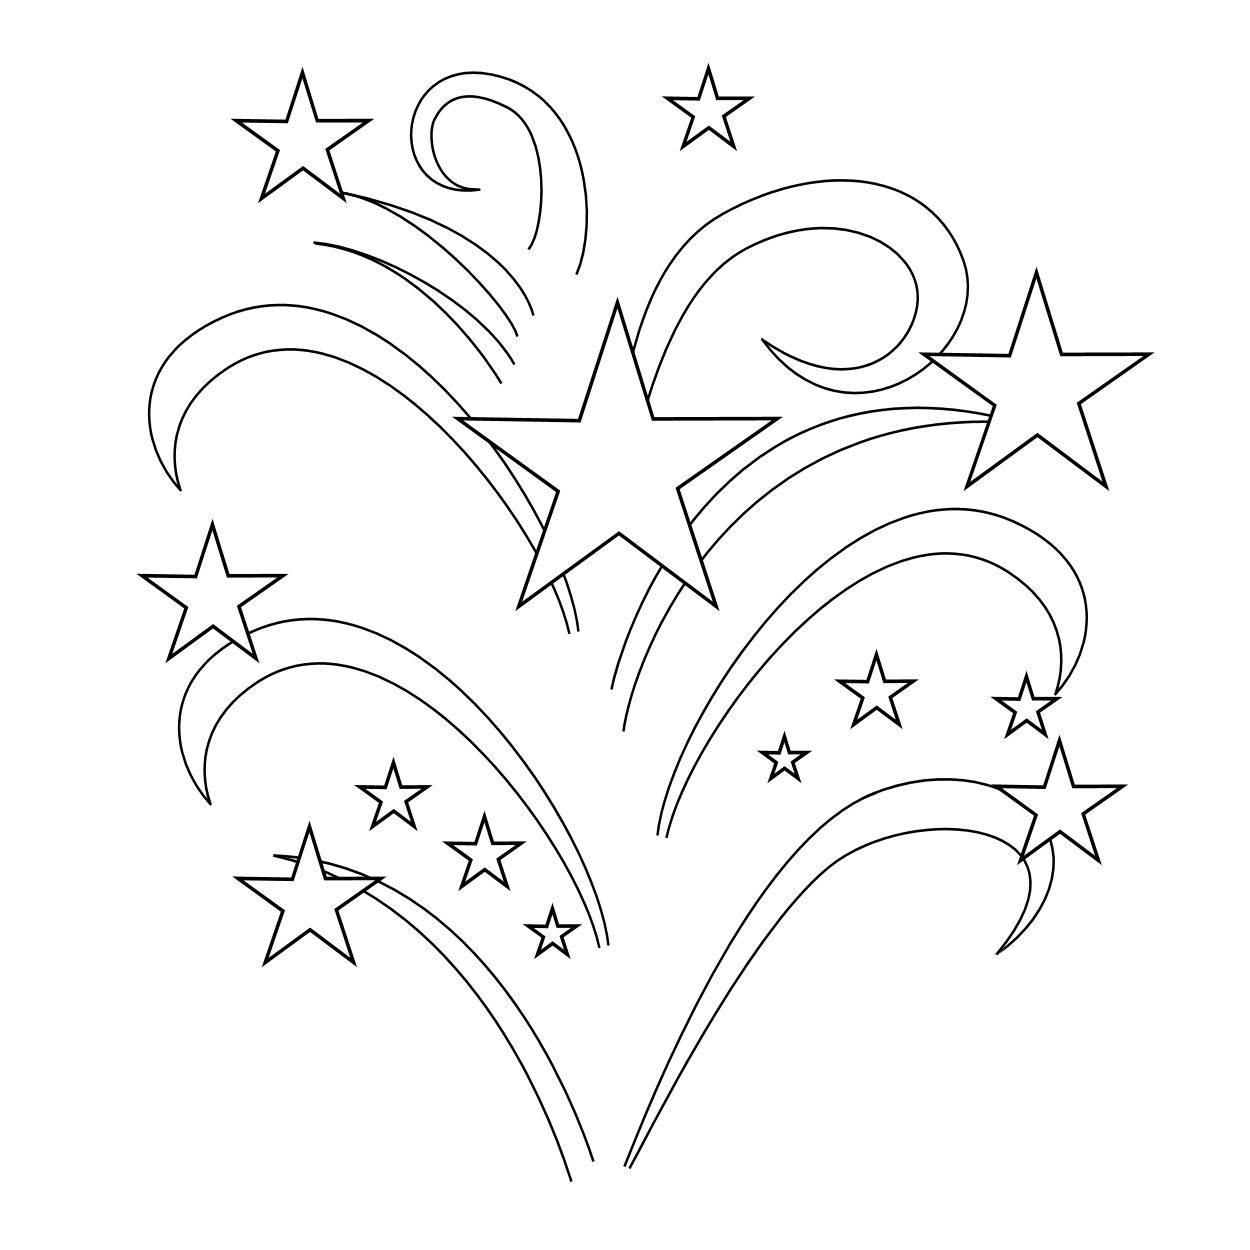 Petals Coloring Pages - MakingFriends   1250x1250